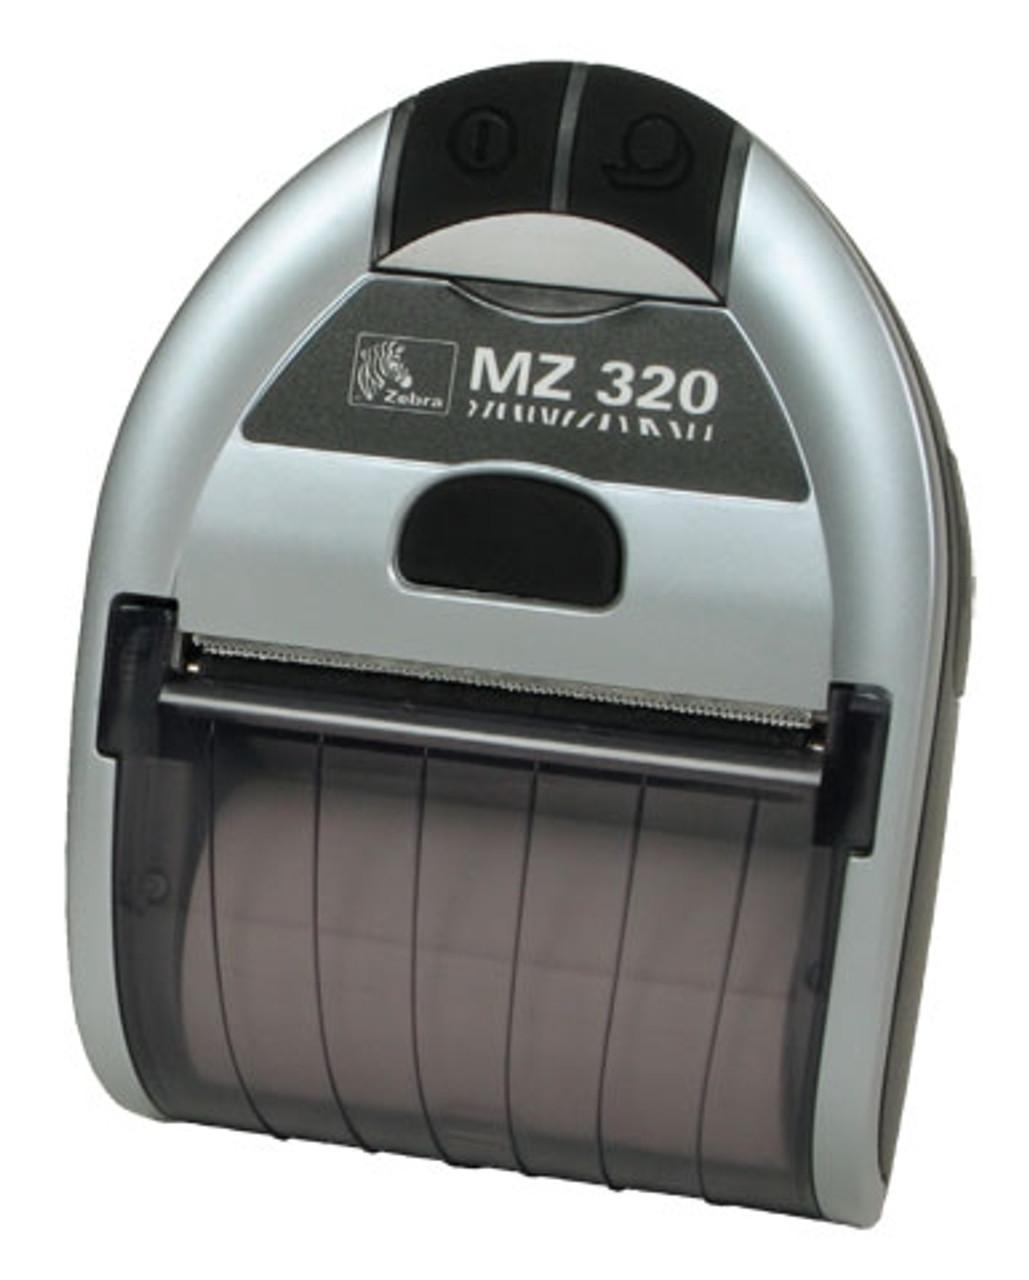 iMZ Printers